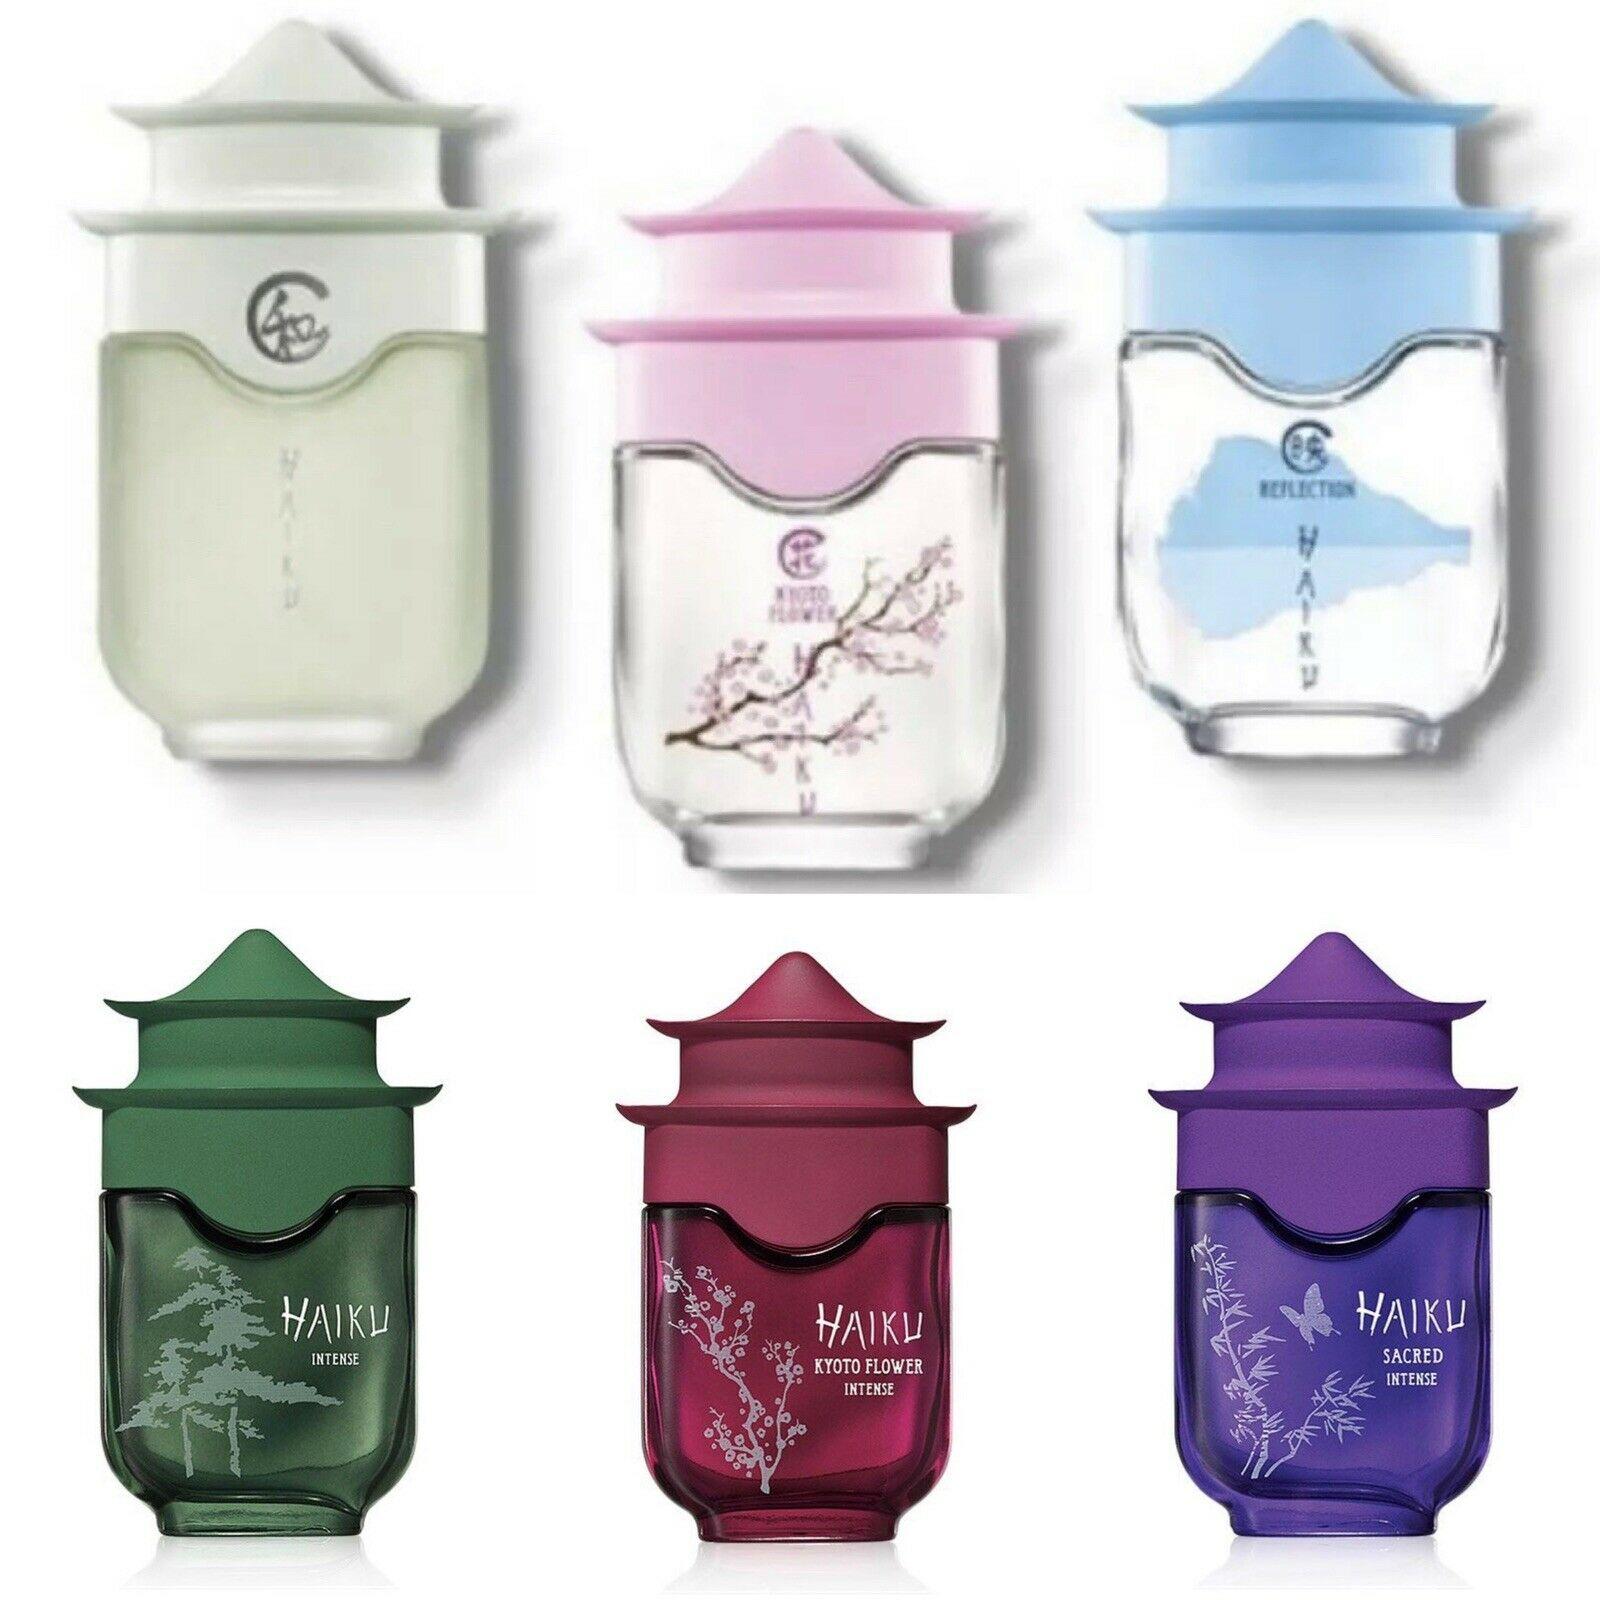 Haiku Brand family of fragrances